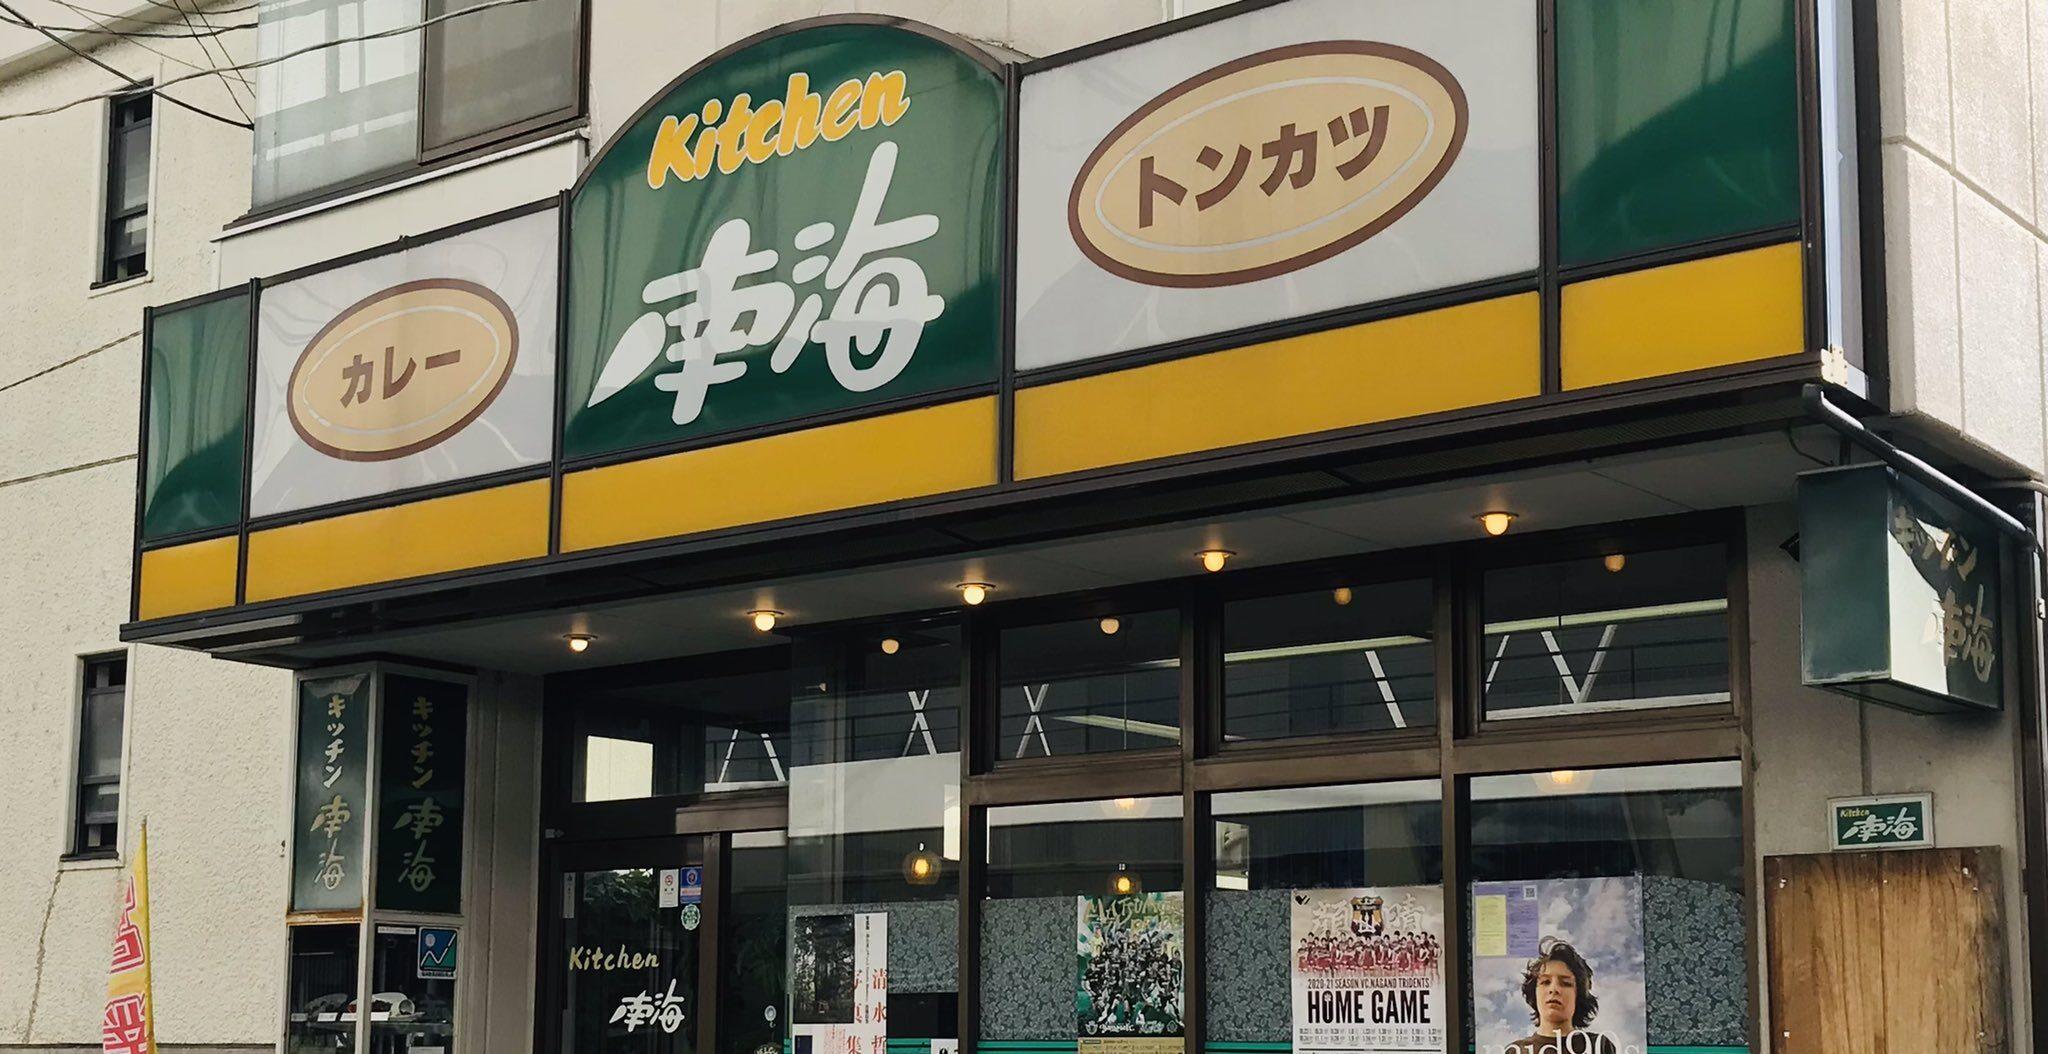 松本市のキッチン南海を外から撮影した写真